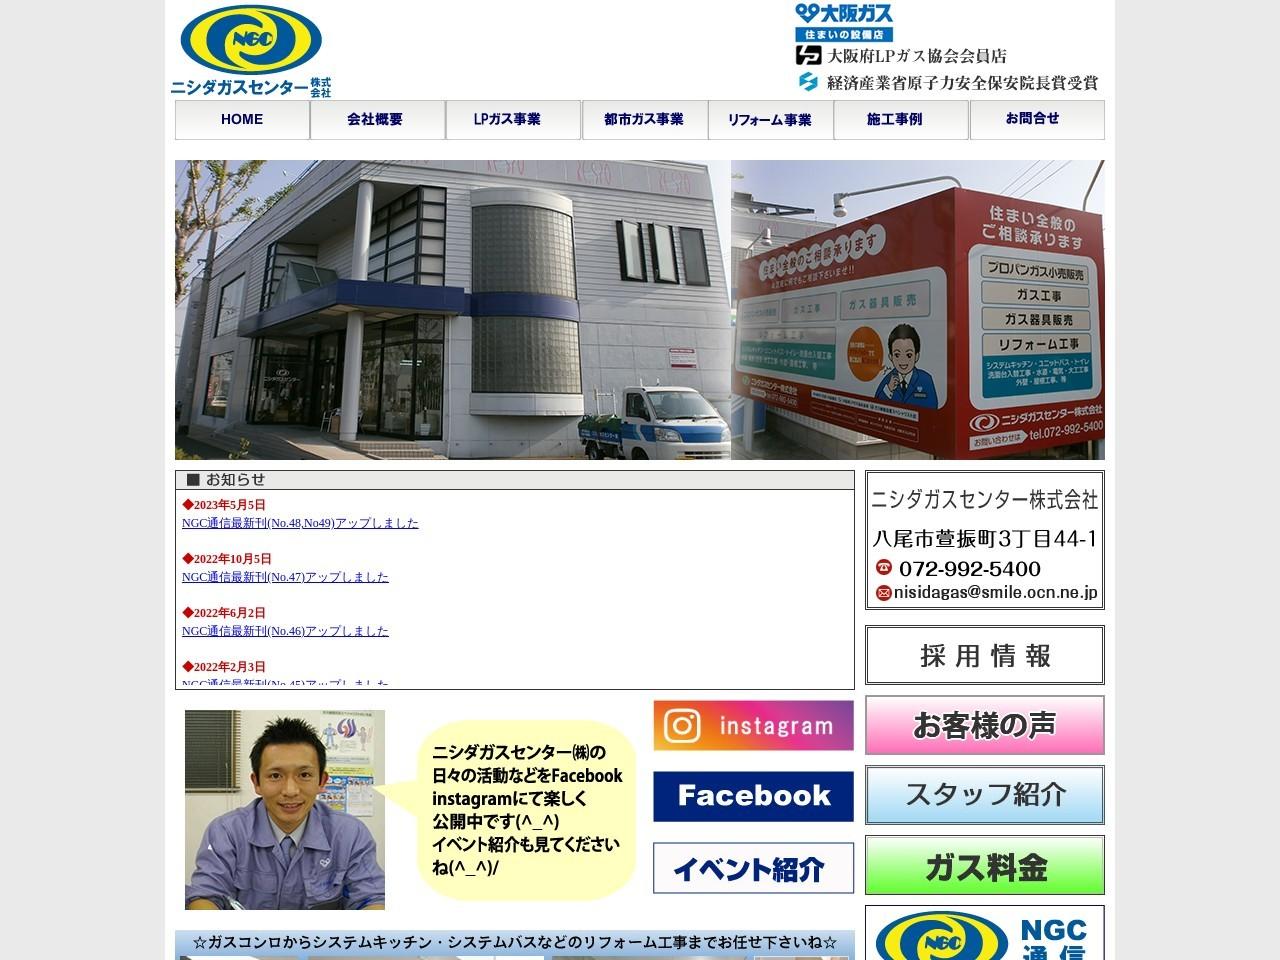 ニシダガスセンター株式会社